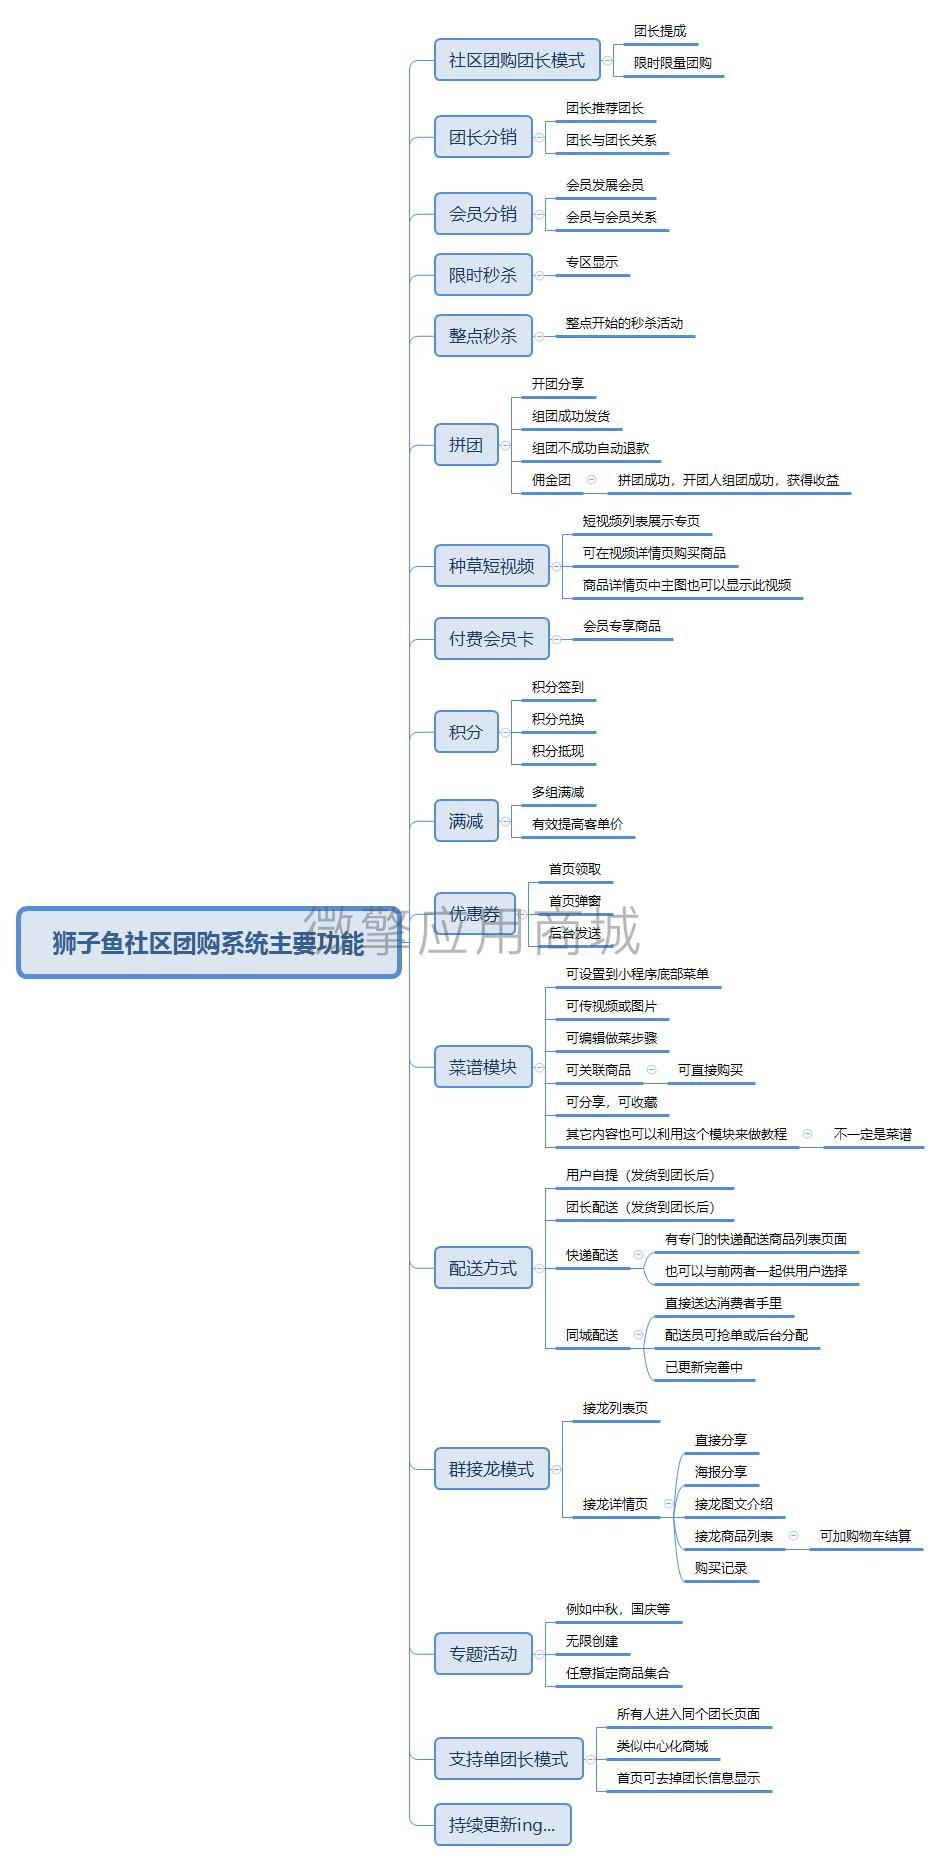 狮子鱼社区团购系统主要功能.png